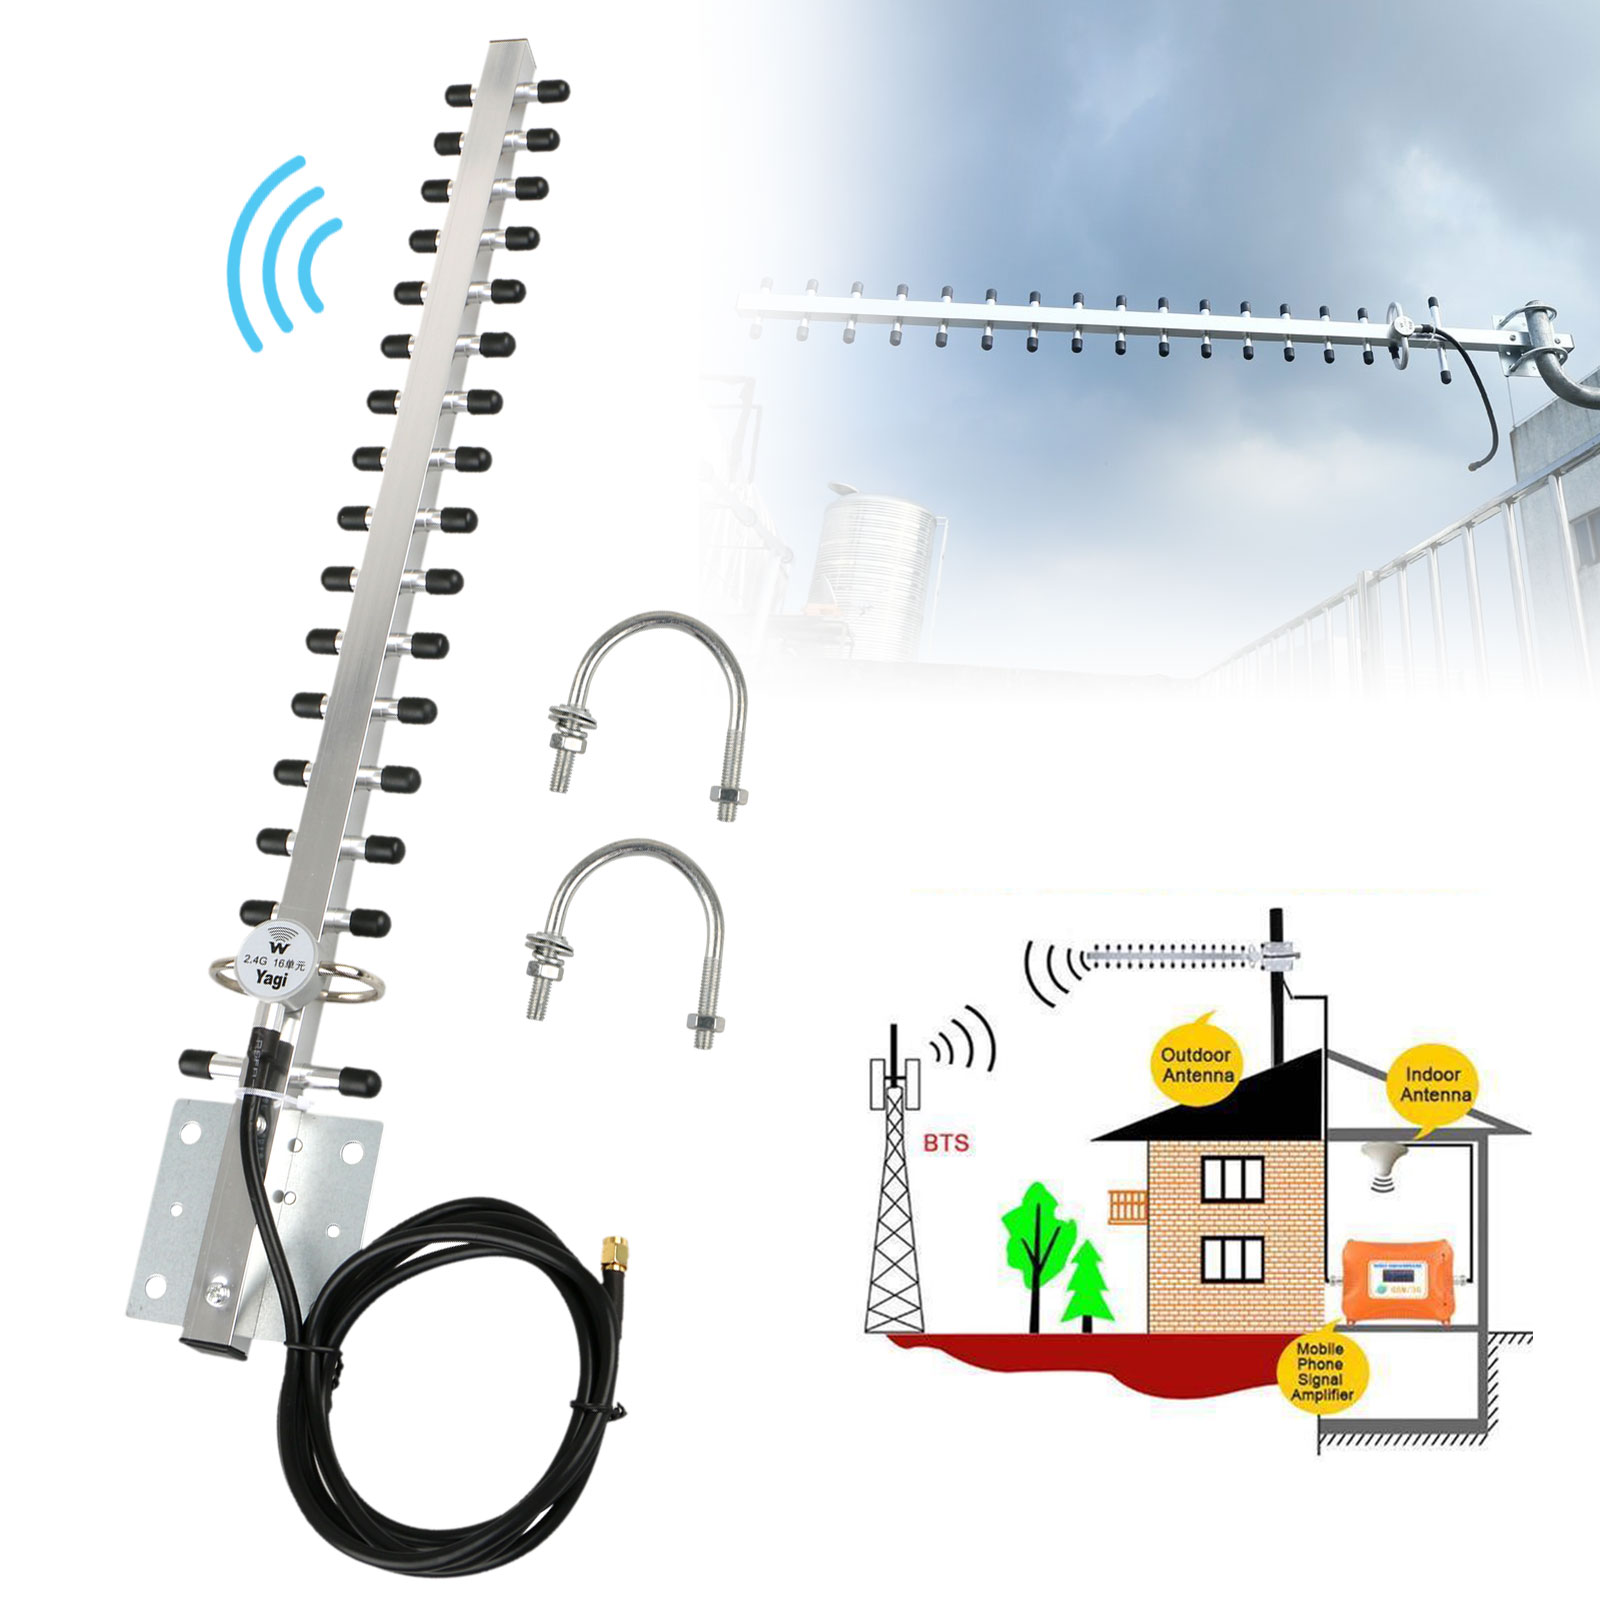 2.4GHz 25DBI Yagi Wireless RP-SMA WiFi Antenna For 1/4 inch